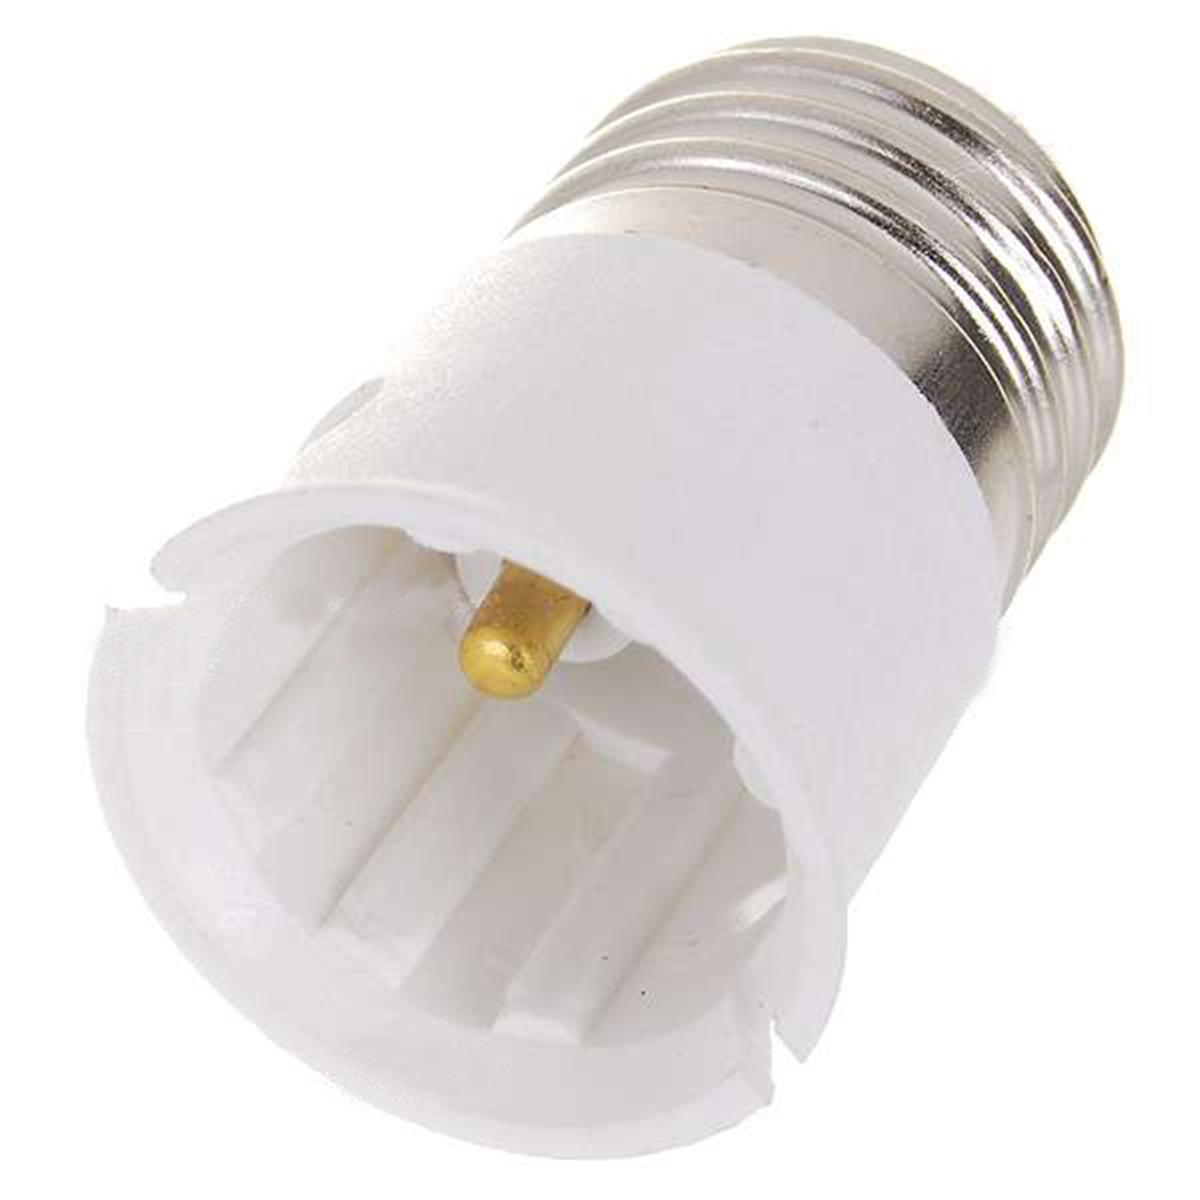 Adaptateur Douille Culot B22 A E27 Douille Vis Titullaire Lampe